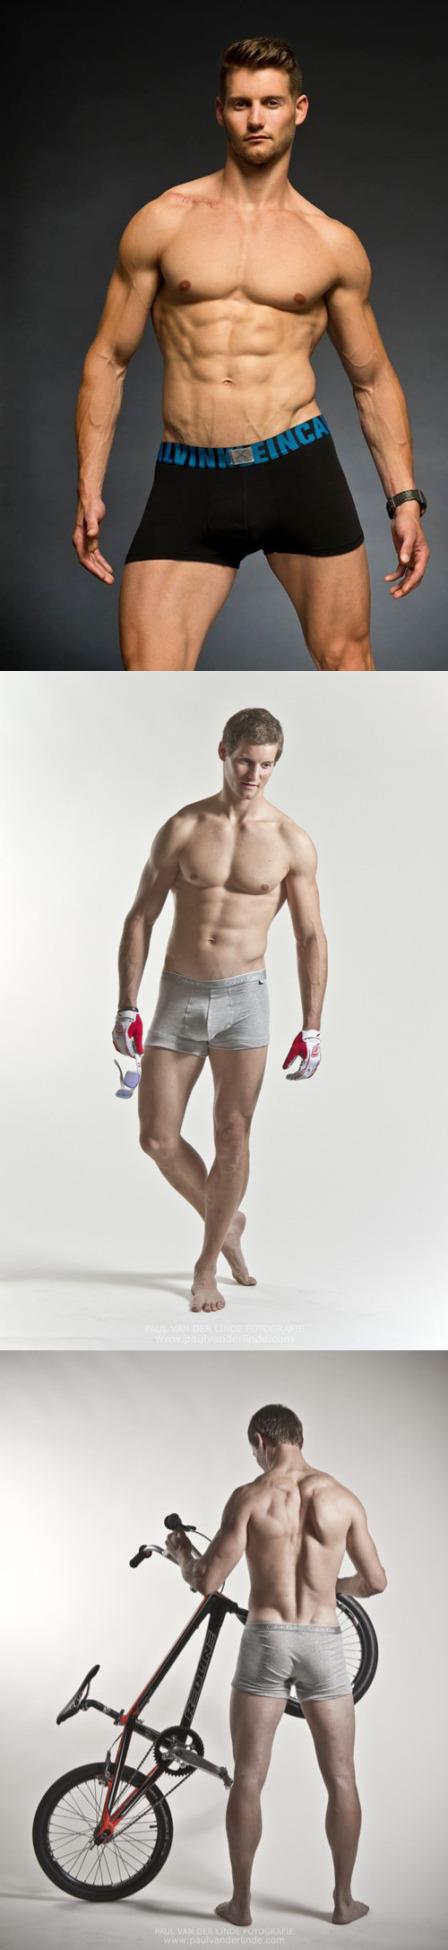 Raymon van der Biezen posing in underwear